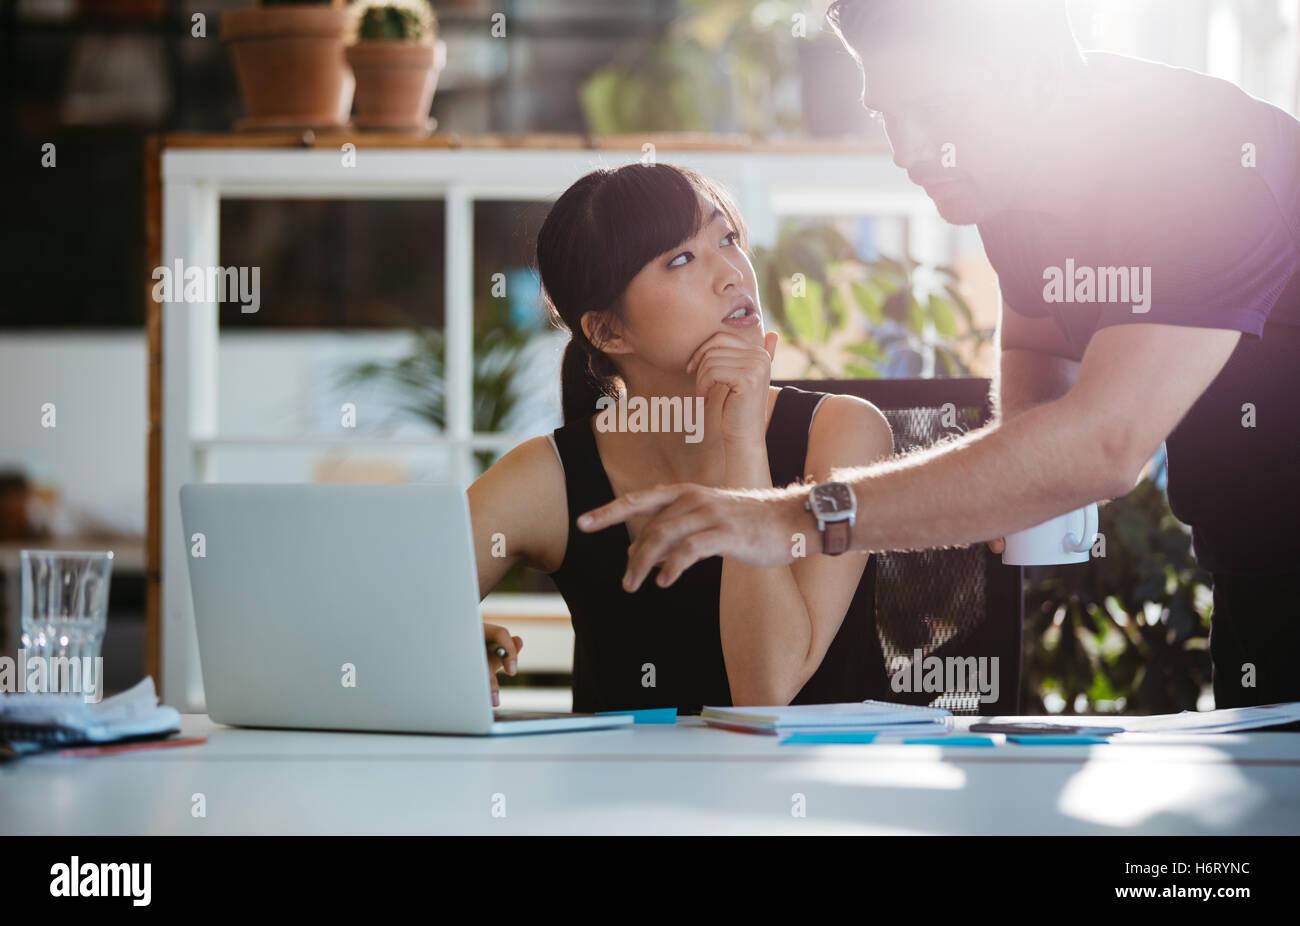 Schuss von jungen asiatischen Frau sitzt an ihrem Schreibtisch mit Mann zeigte am Laptop. Zwei junge Führungskräfte, Stockbild